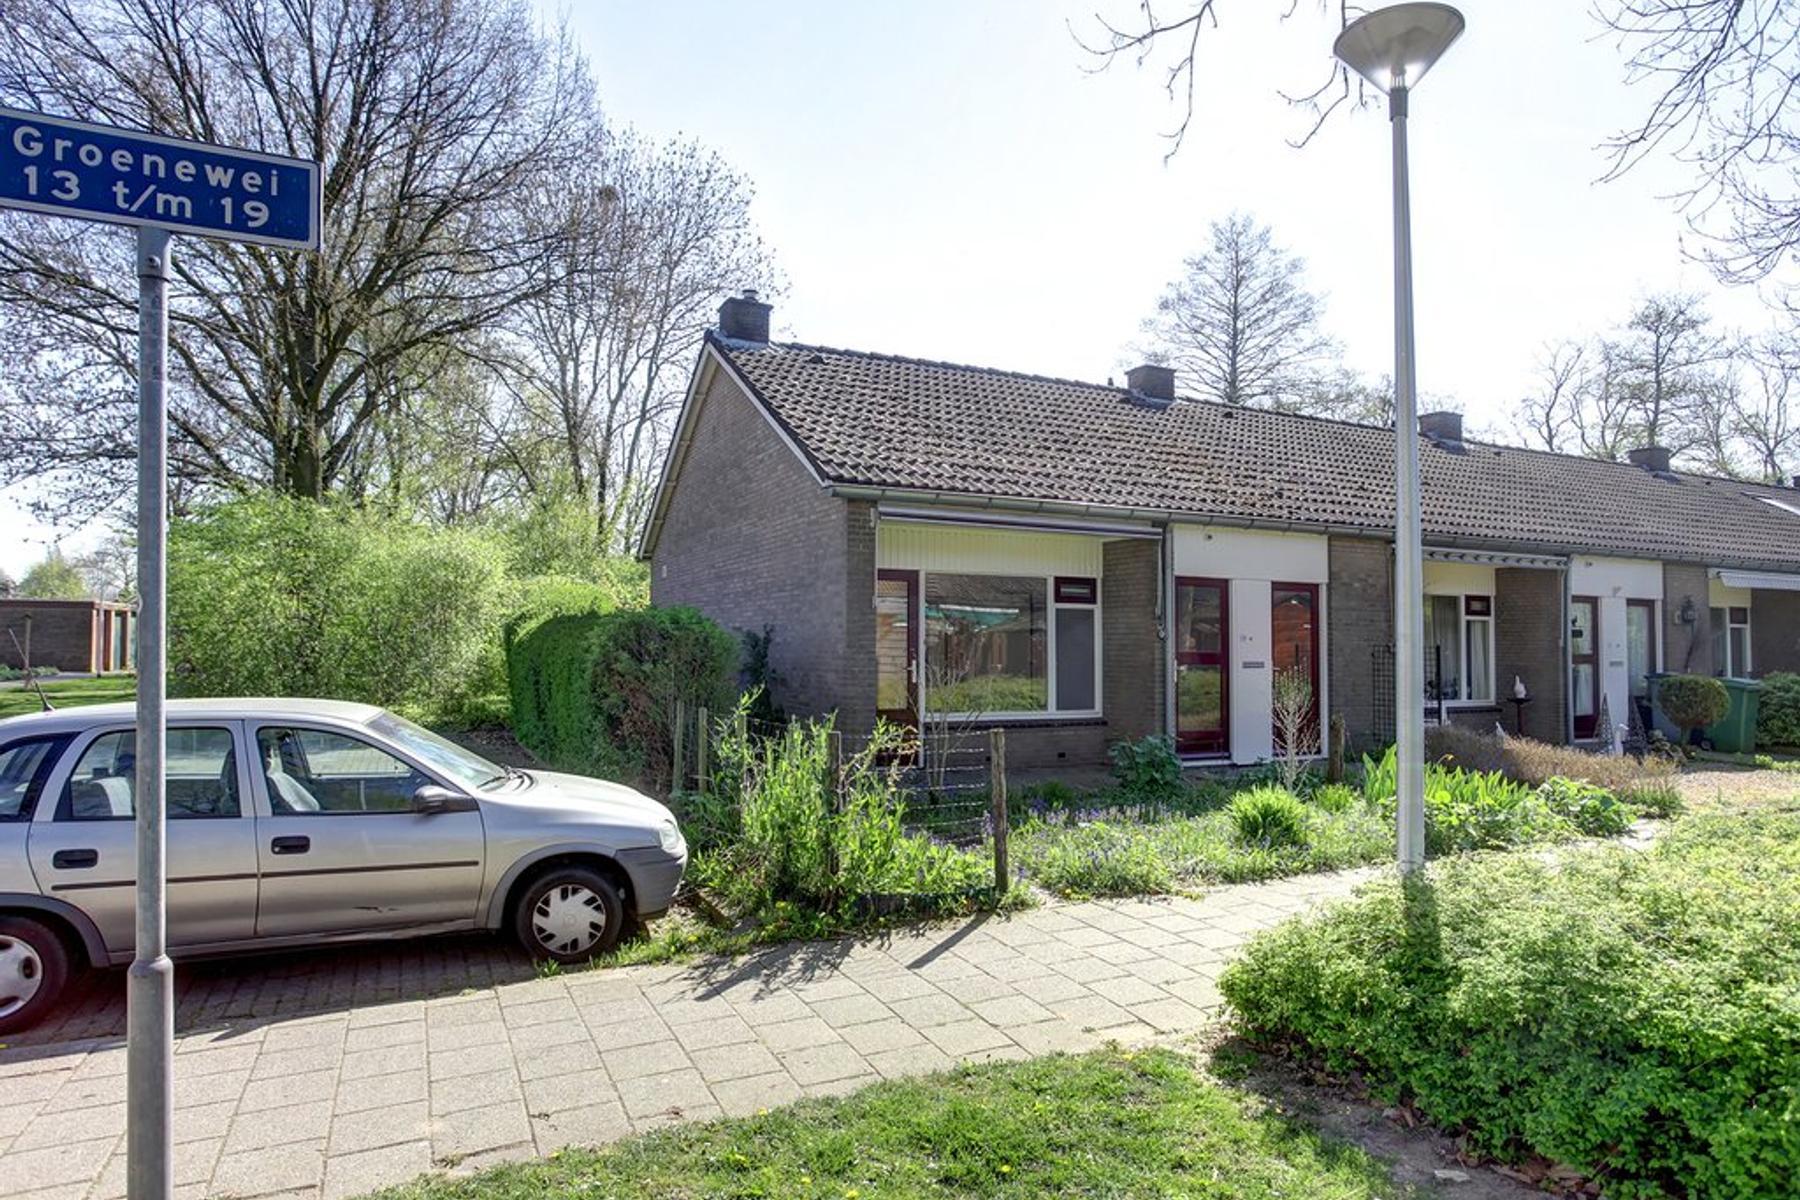 Groenewei 19 in Bemmel 6681 WG